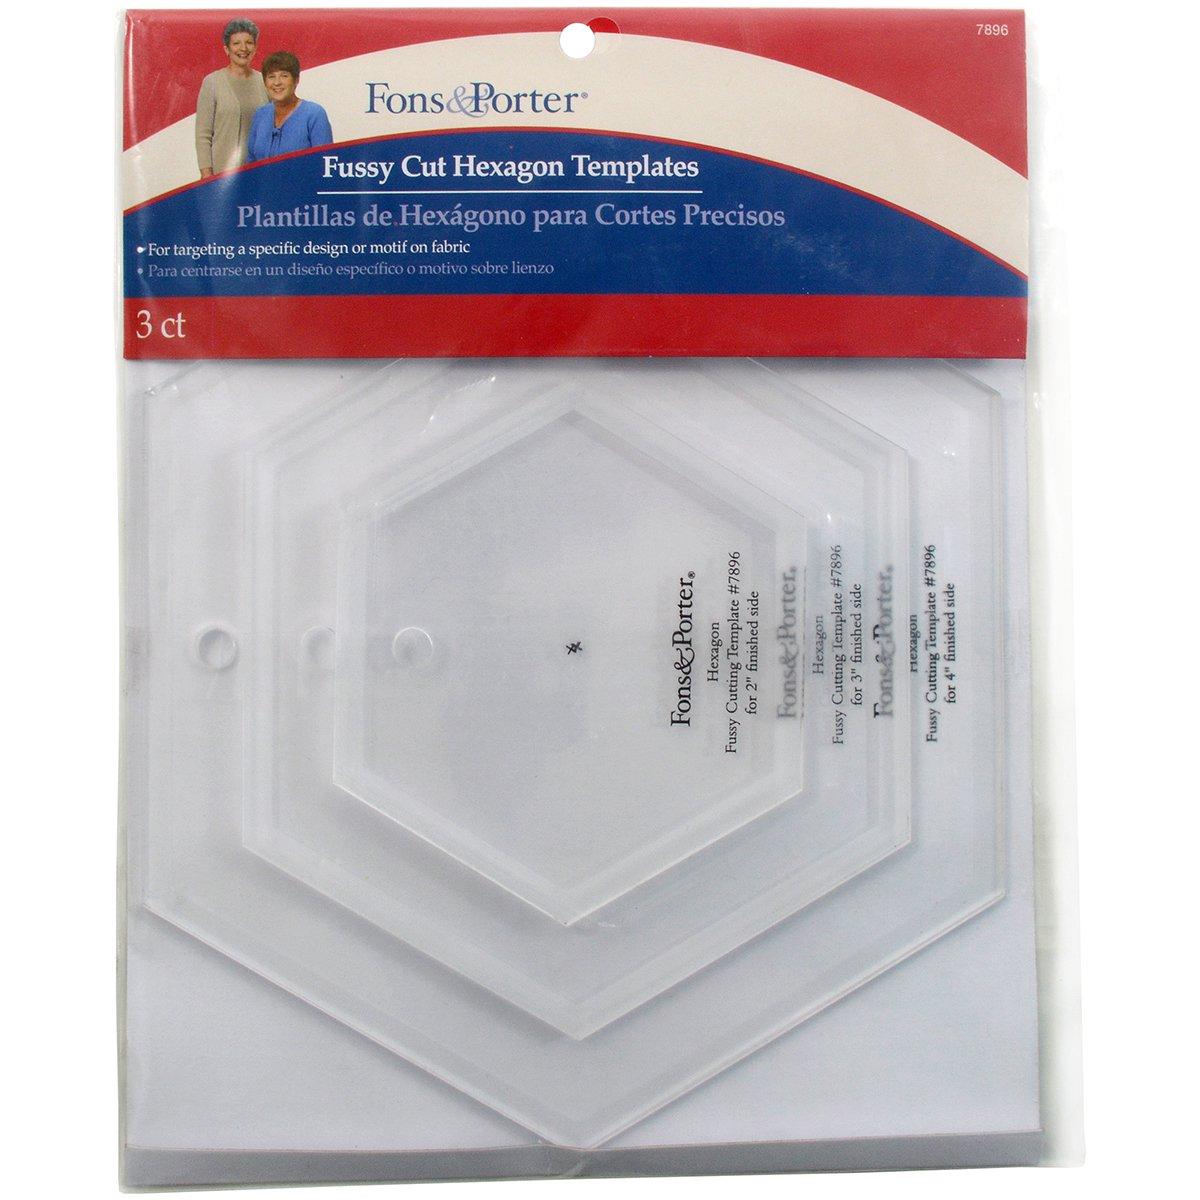 Dritz Hexagons Fons and Porter Fussy Cut Templates Arts & Crafts